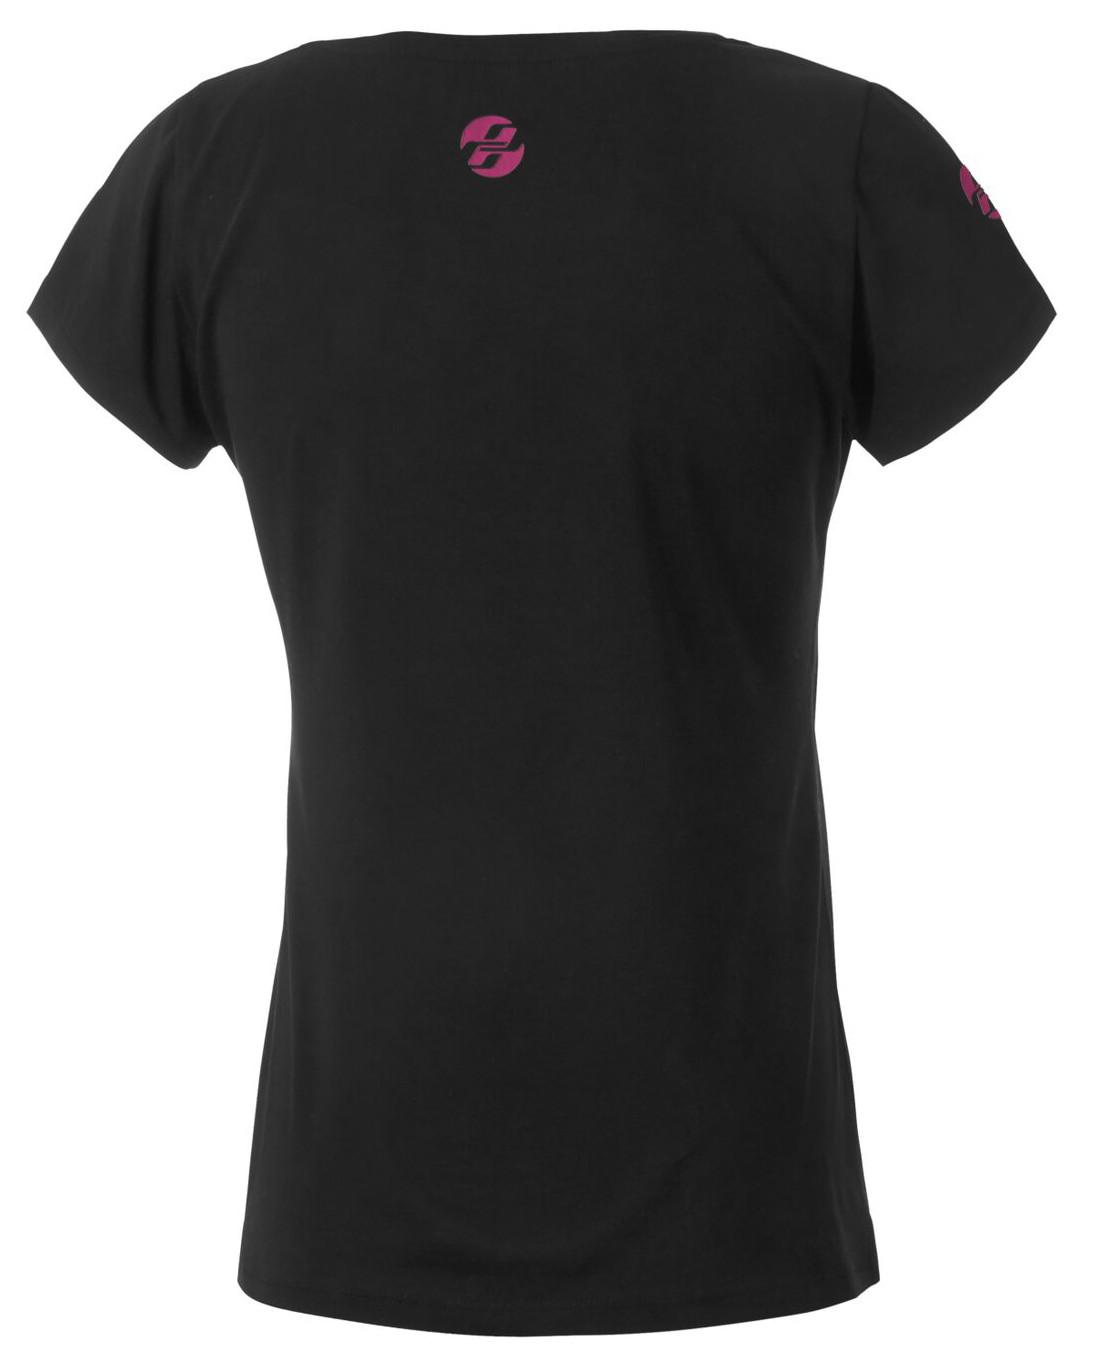 ghost damen t shirt dreamr schwarz gr n pink. Black Bedroom Furniture Sets. Home Design Ideas